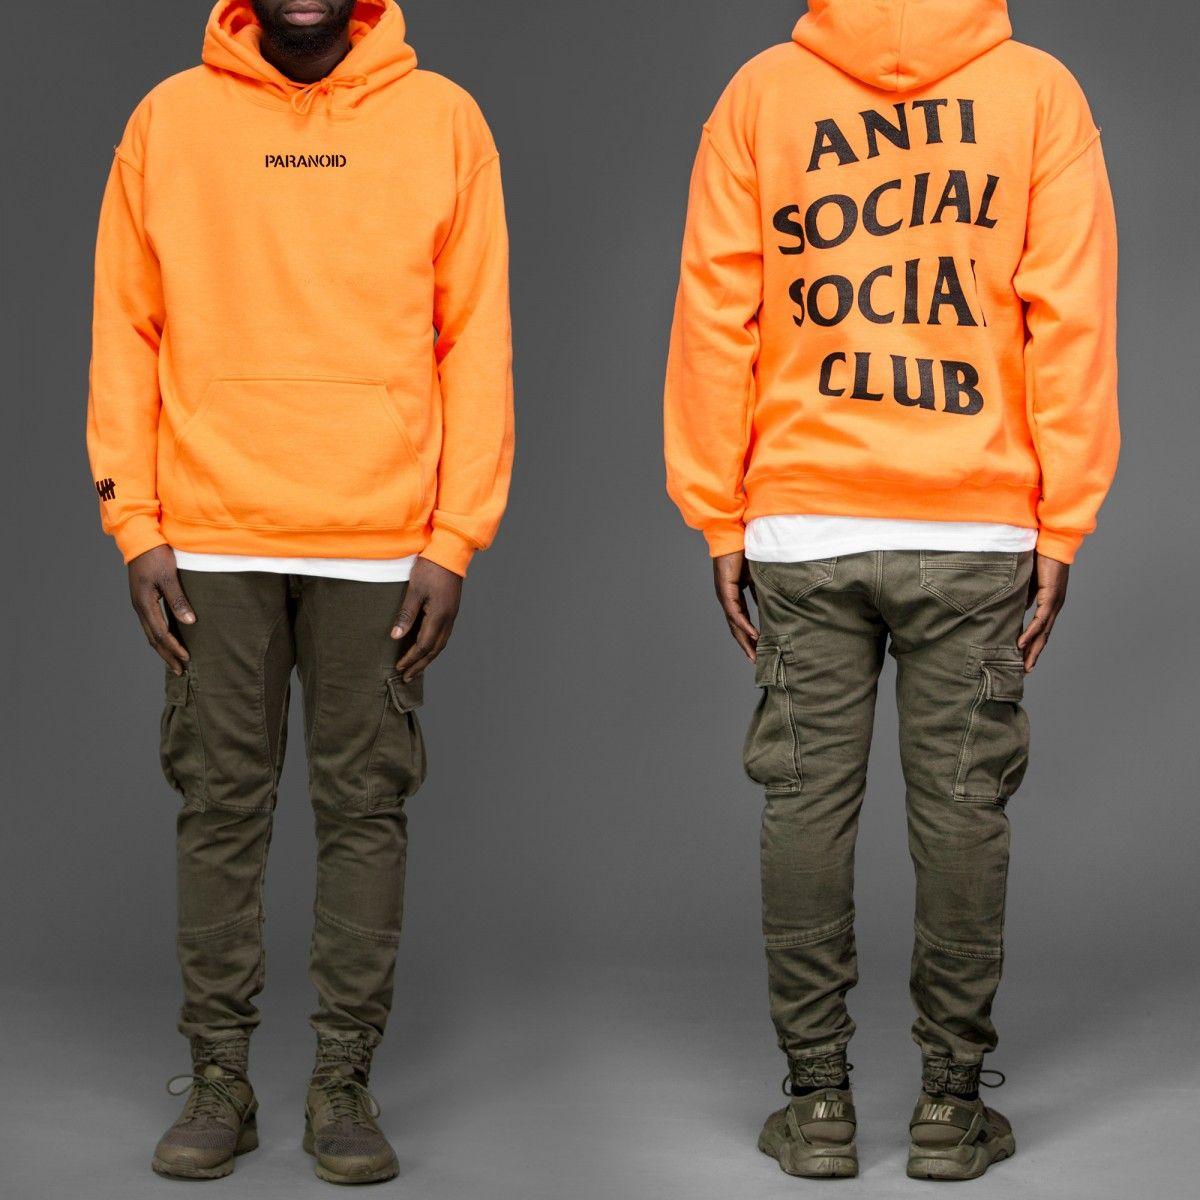 a8a4a5df567a Orange Anti Social Social Club Paranoid hoodie